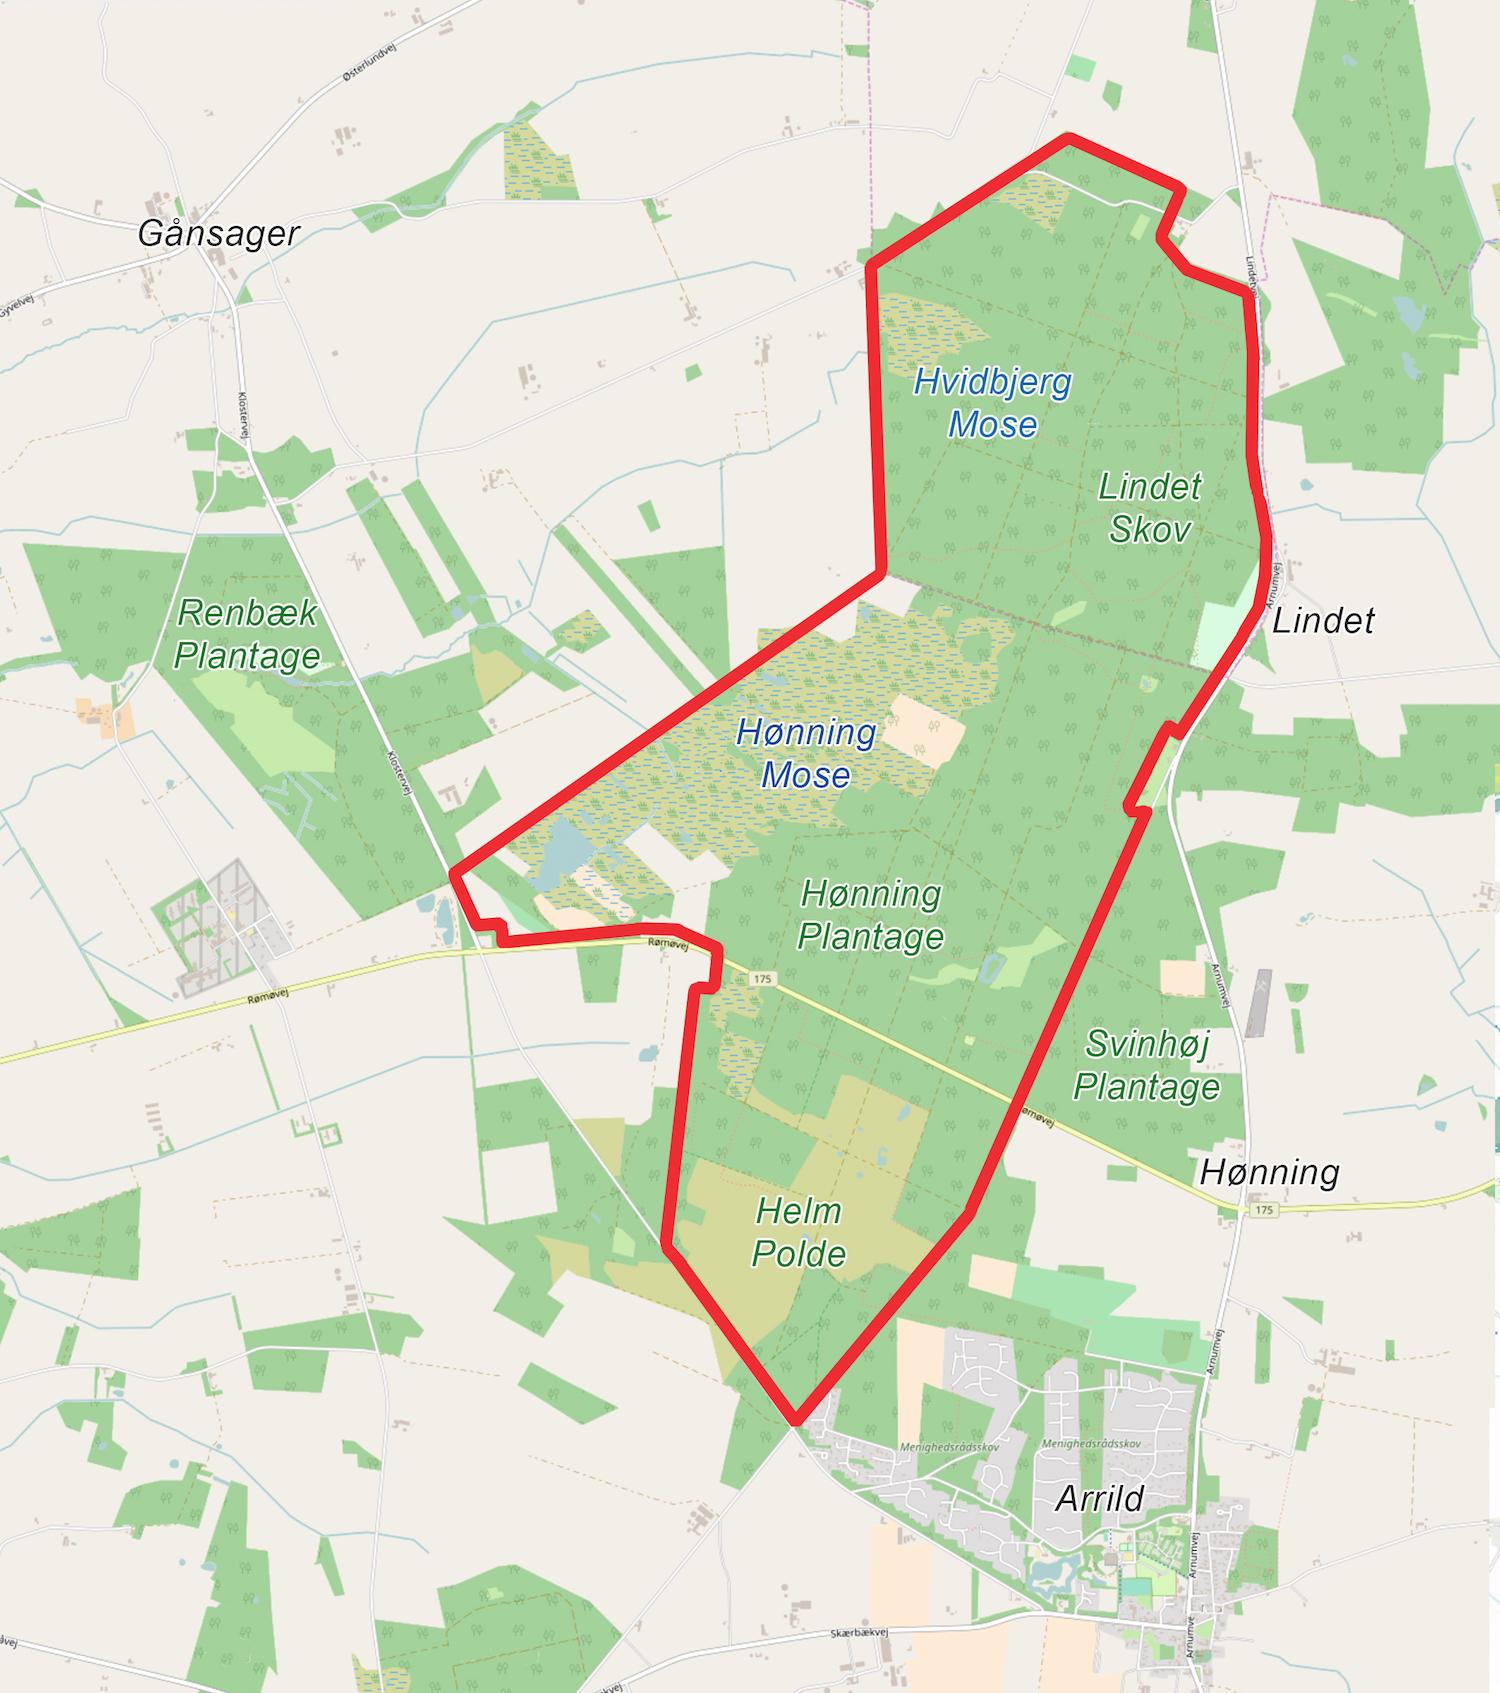 Forslag til Naturnationalpark Lindet Skov & Hønning Mose – et omtrent 1.100 hektar stort naturreservat med potentiale for vildere natur på naturligere præmisser (kortet er baseret på OpenStreetMap).